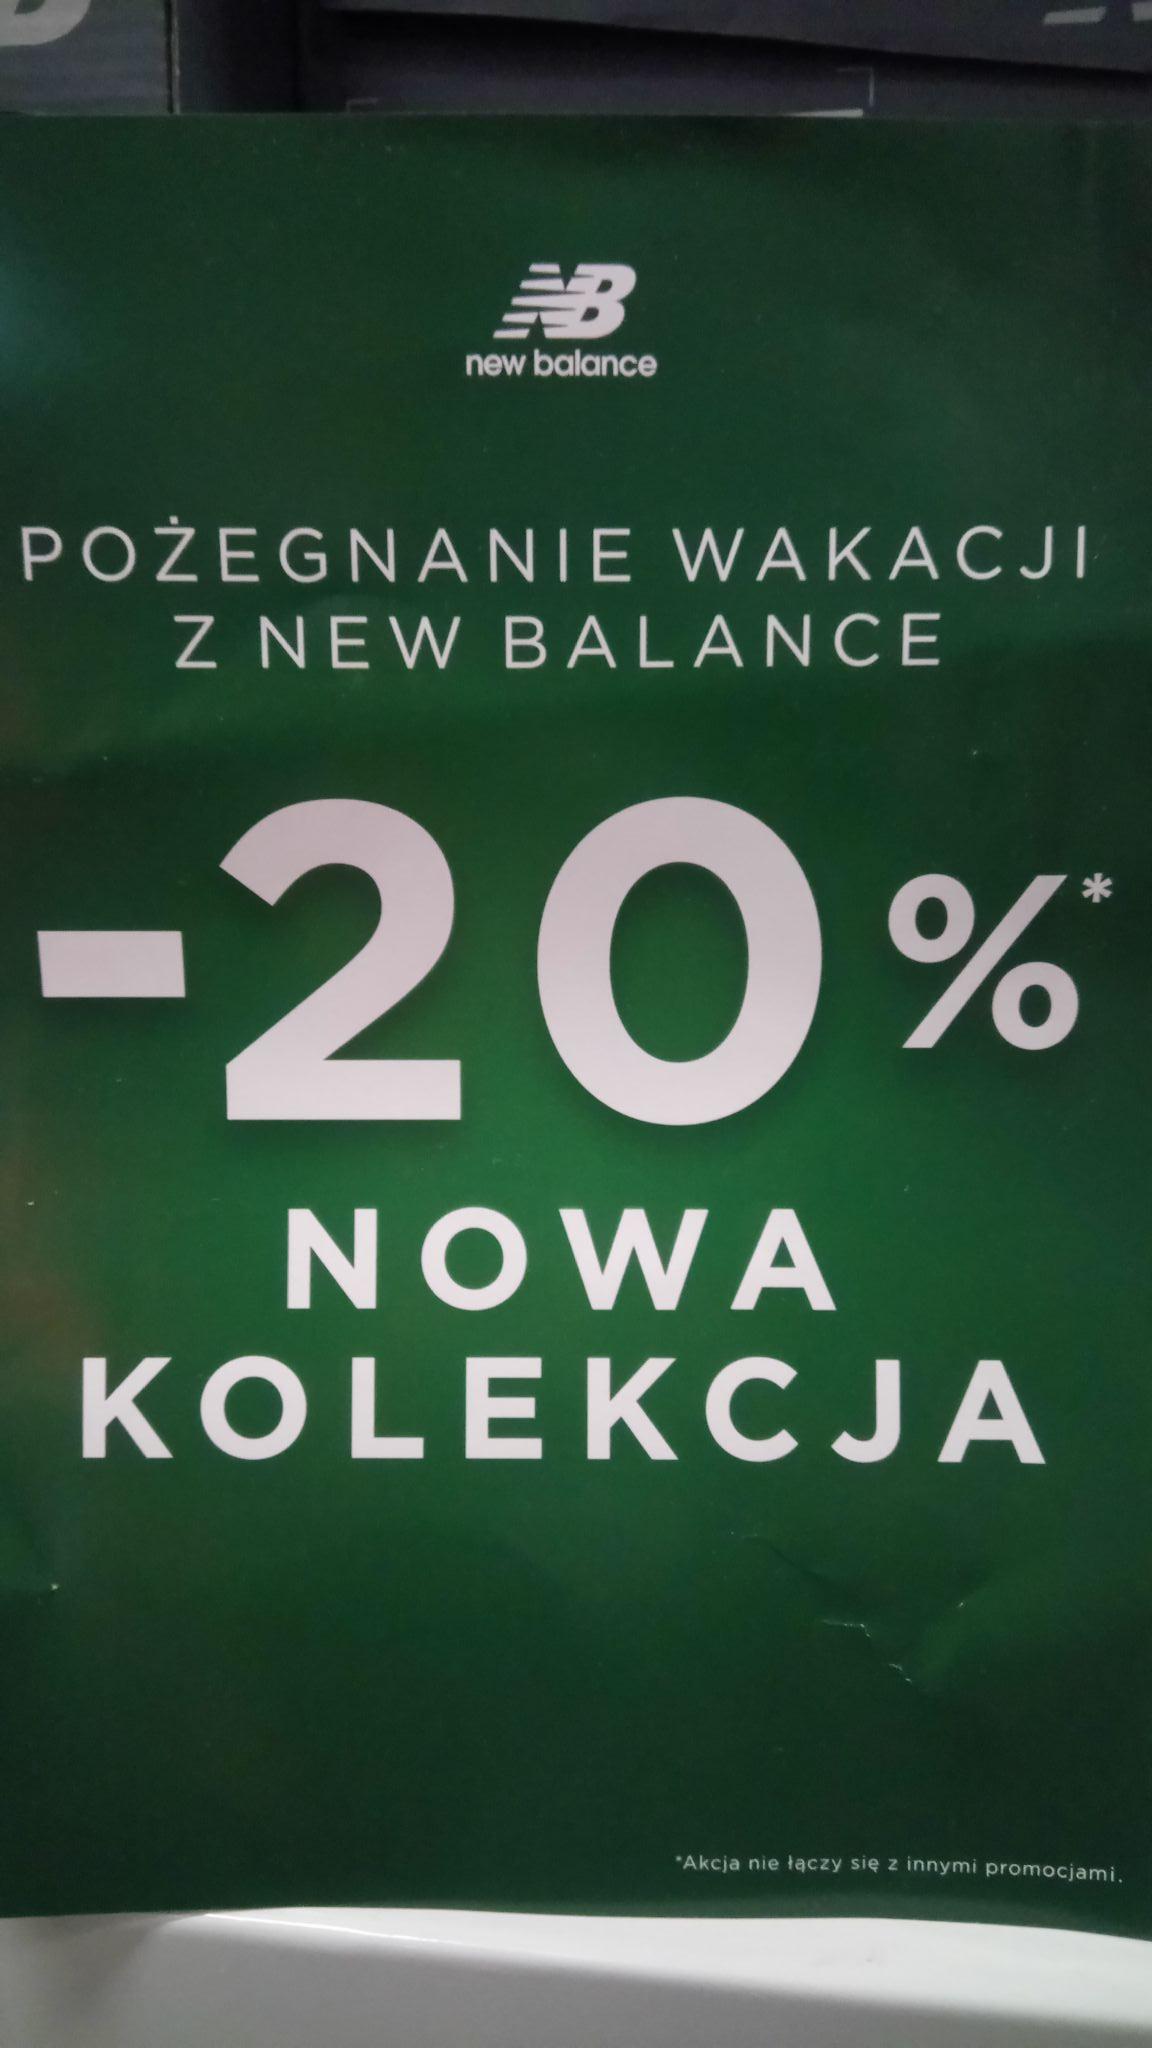 -20% od ceny regularnej na nową kolekcję w sklepach New Balance 31.08-02.09